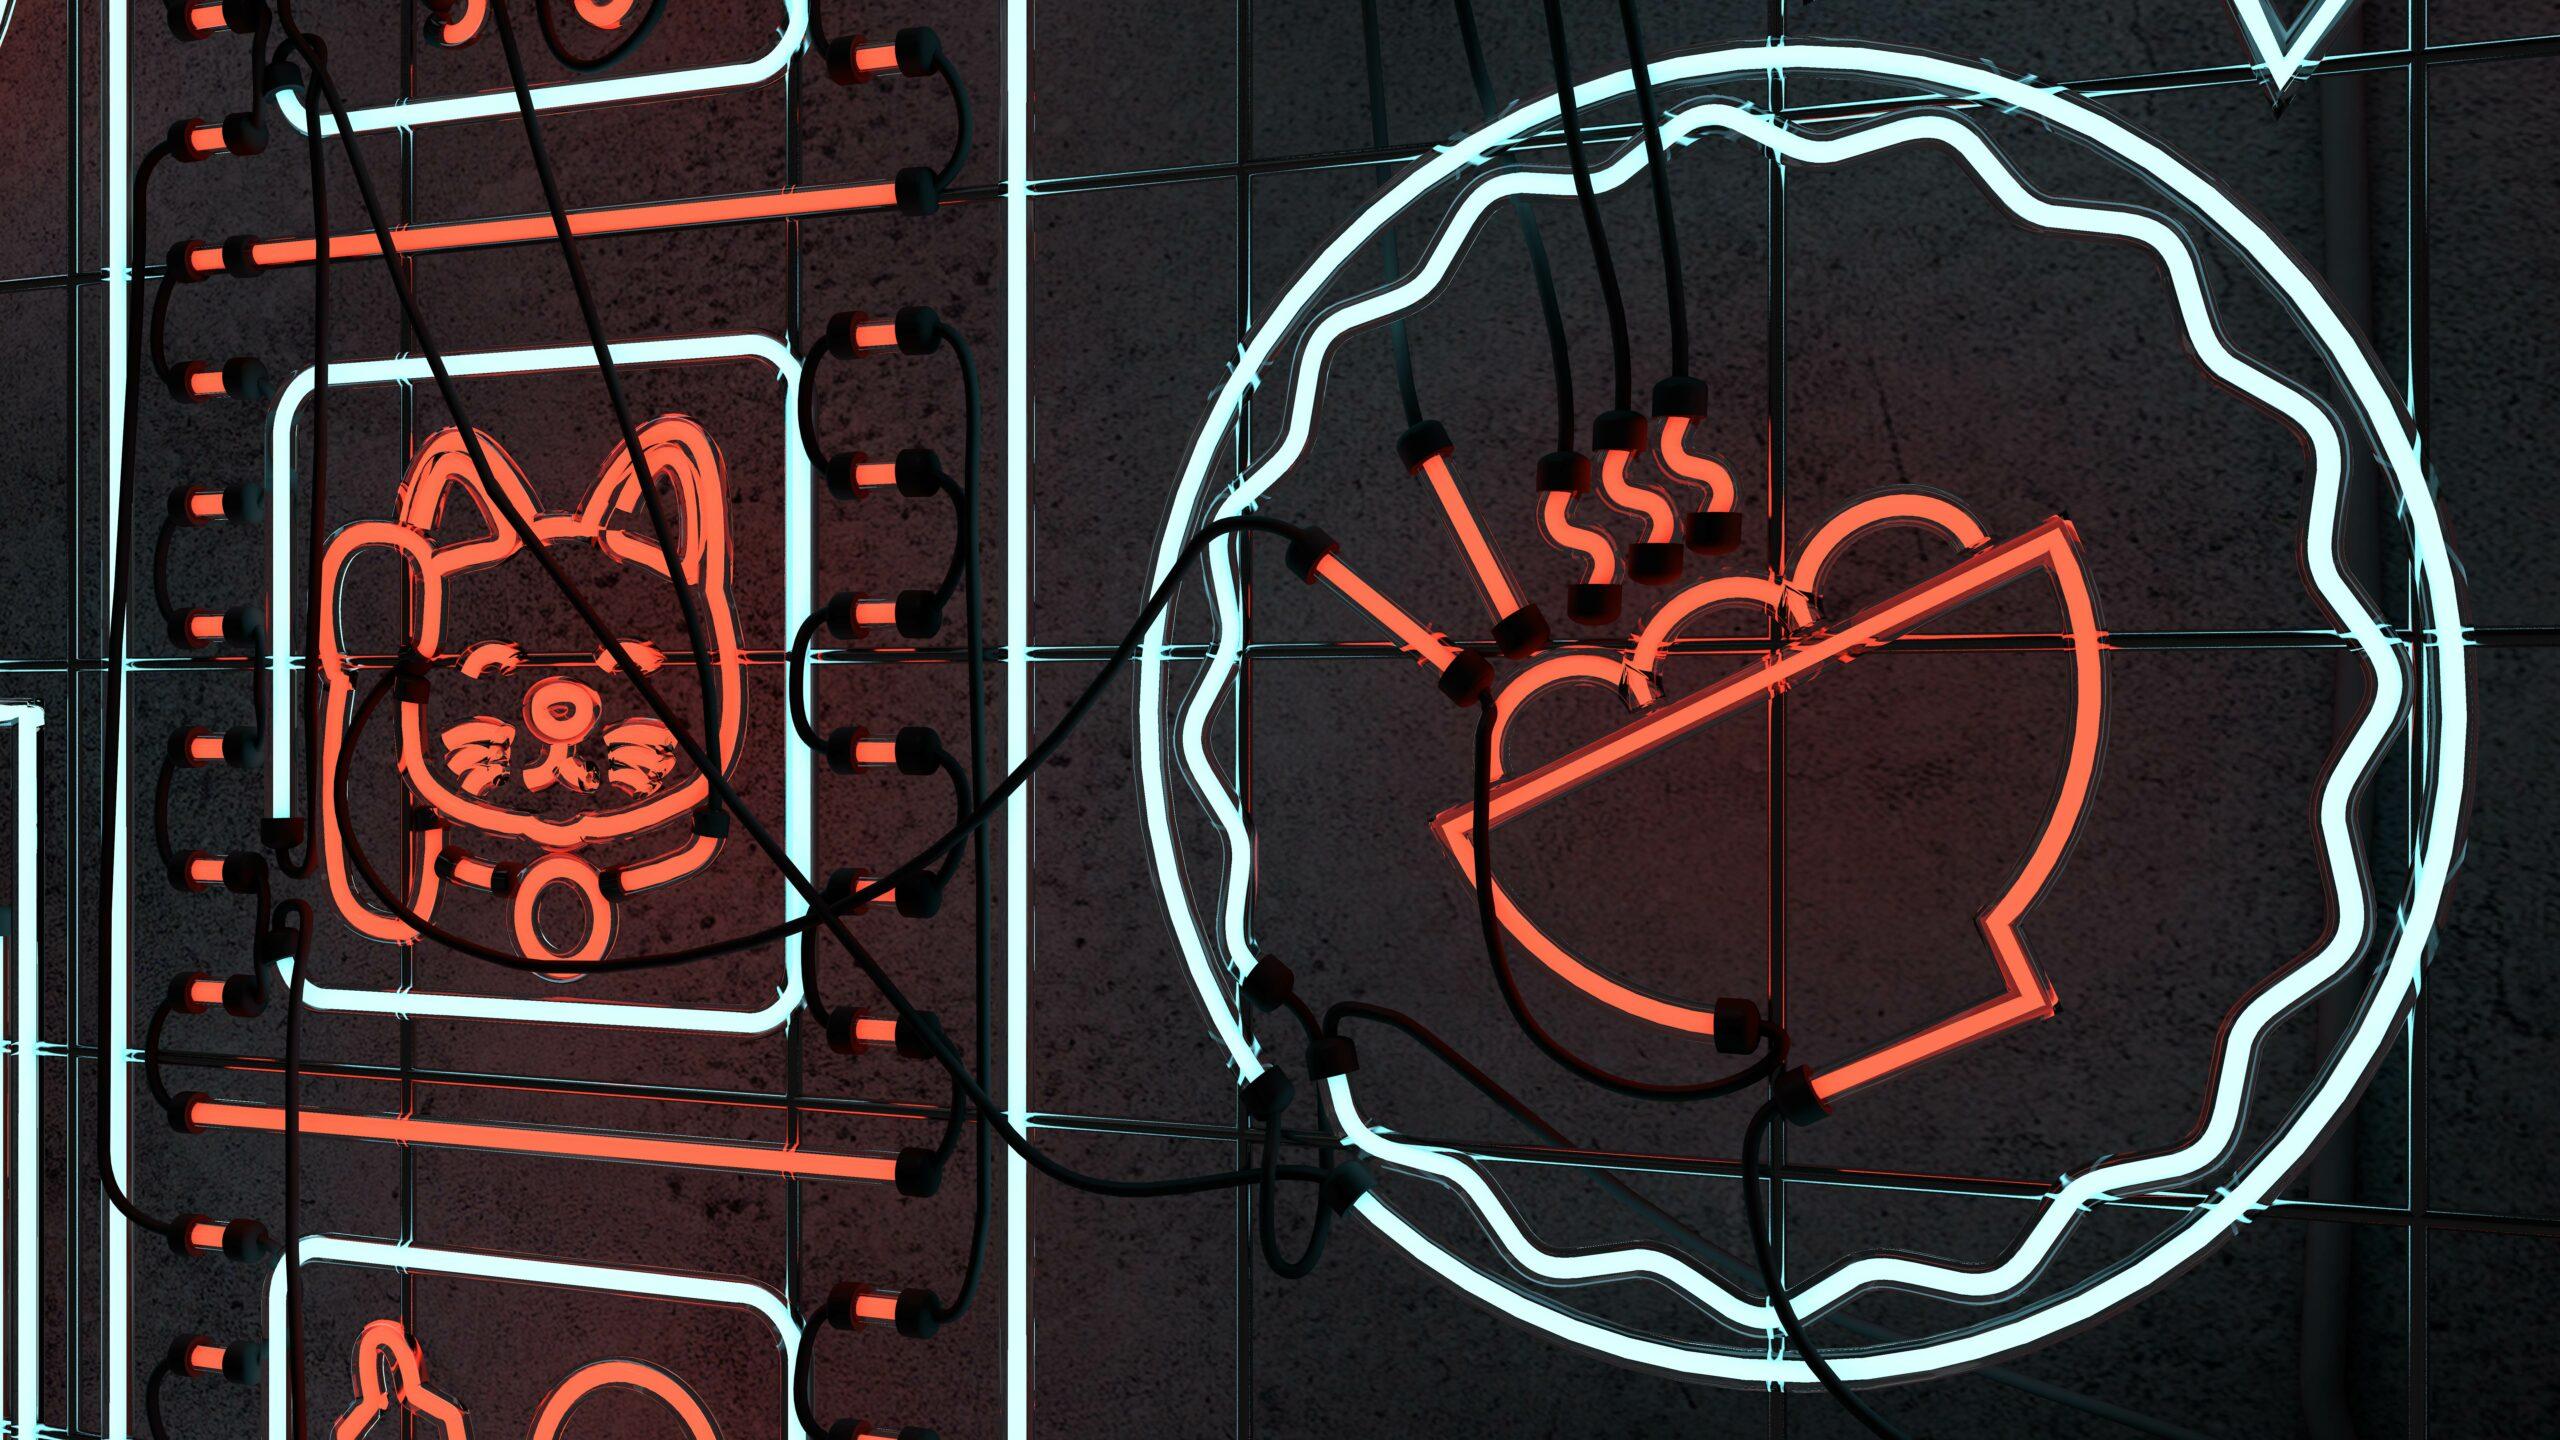 avondwinkel_event_cover_neon_angle_3